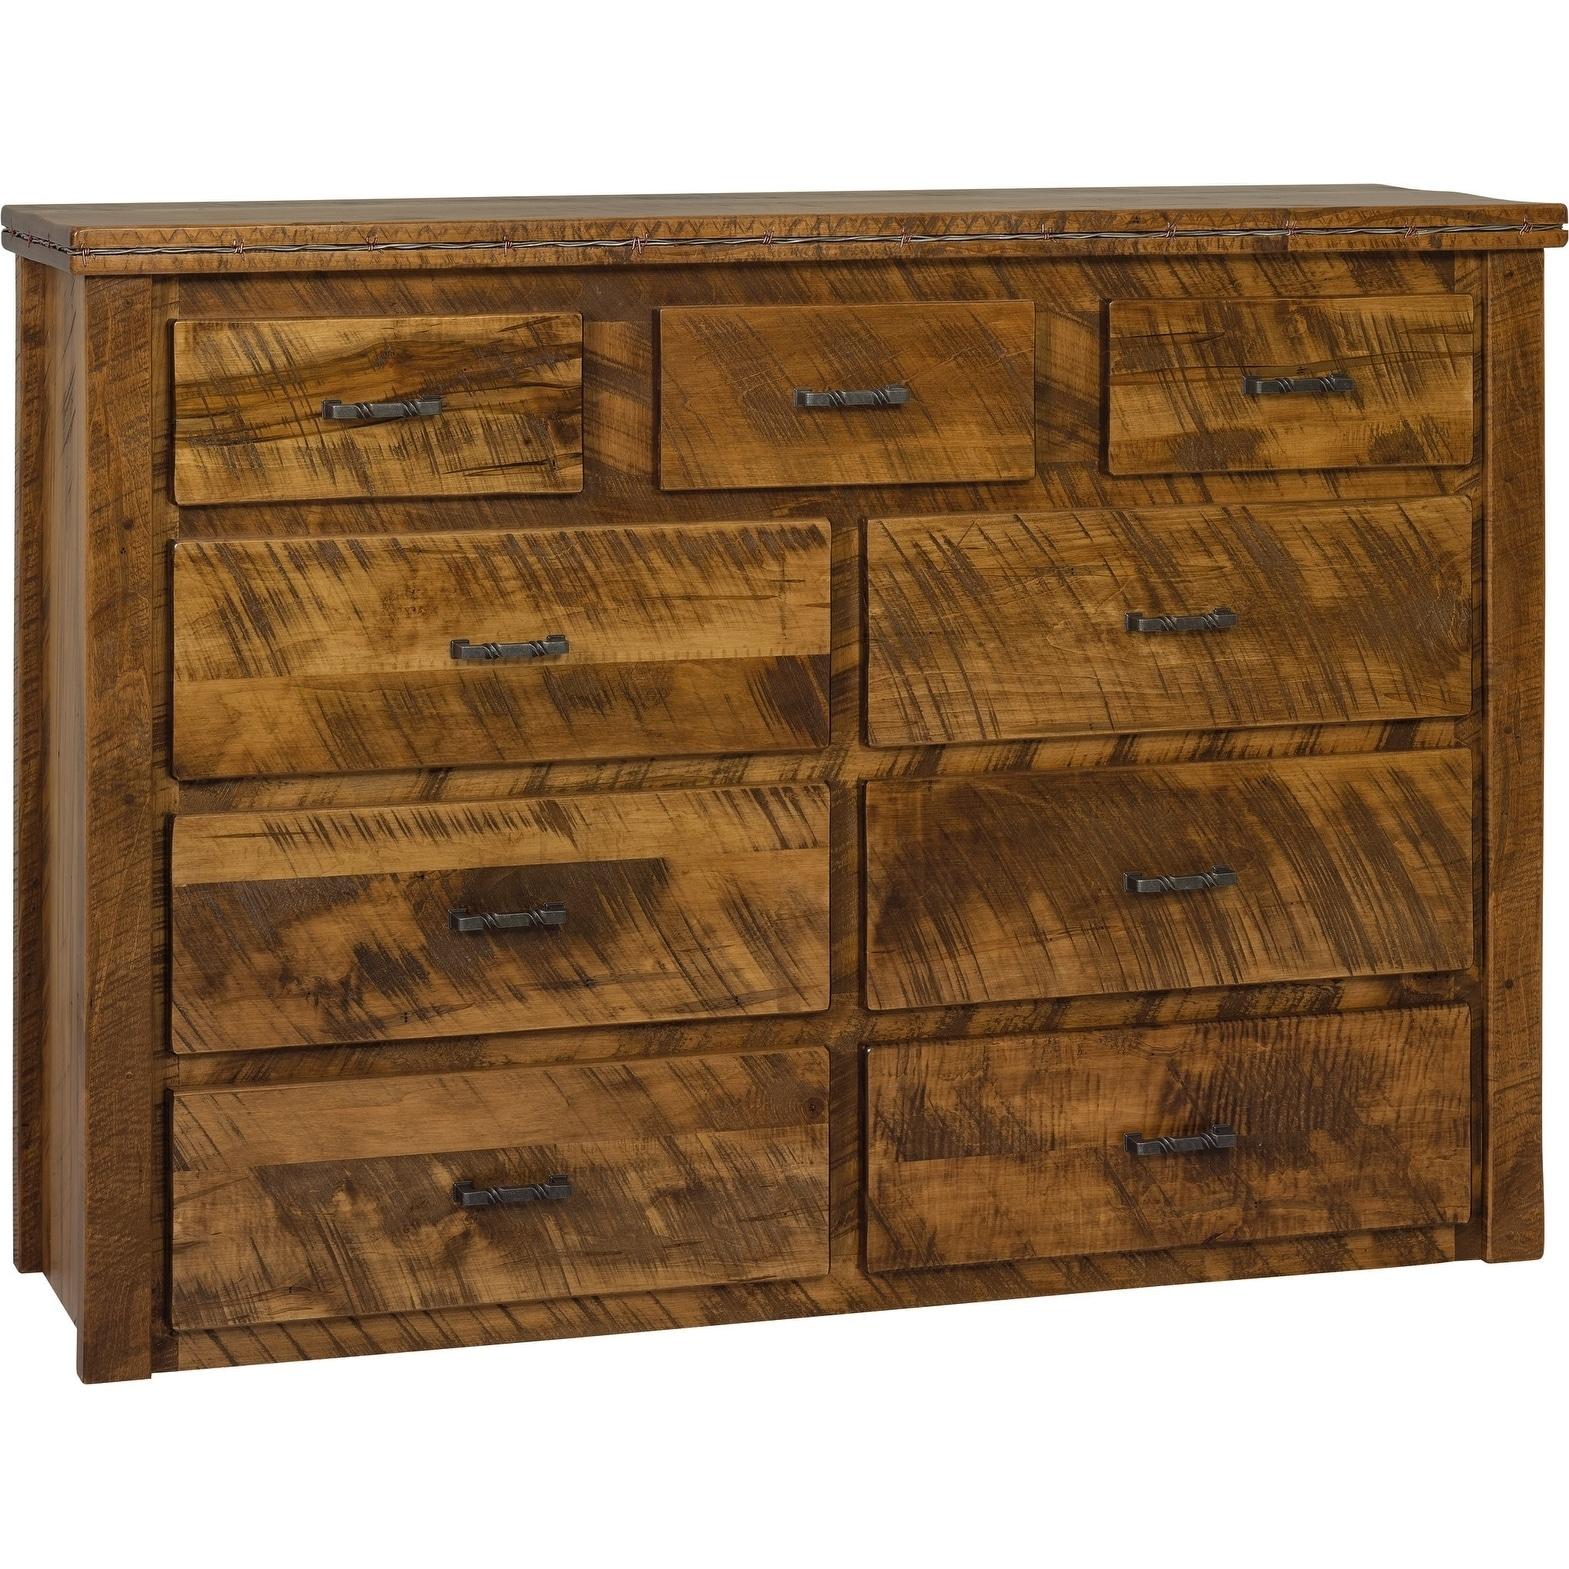 Western Twist 9 Drawer Dresser in Wormy Maple (Michaels Cherry Stain)